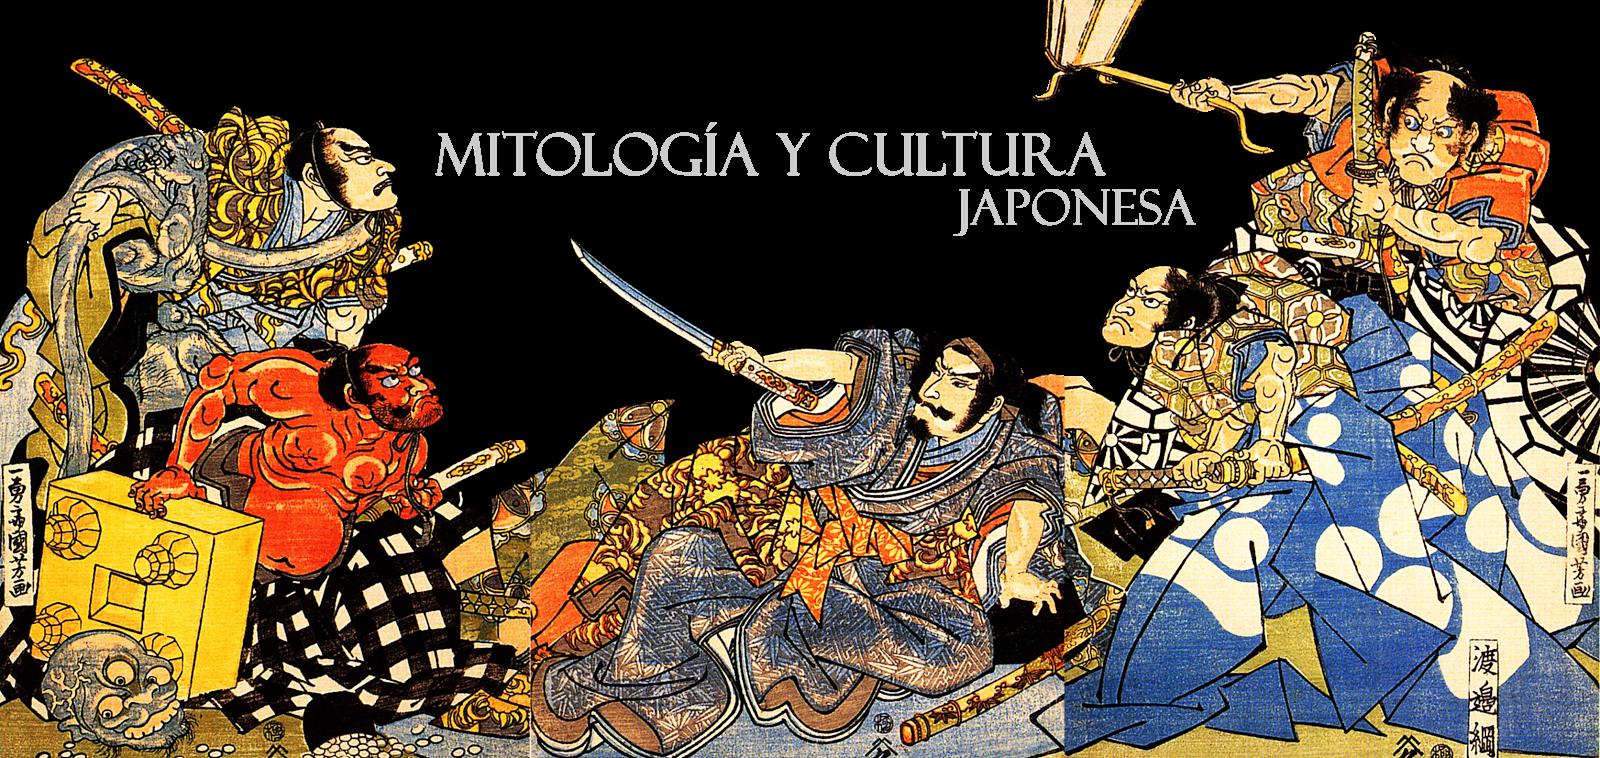 mitología y cultura japonesa